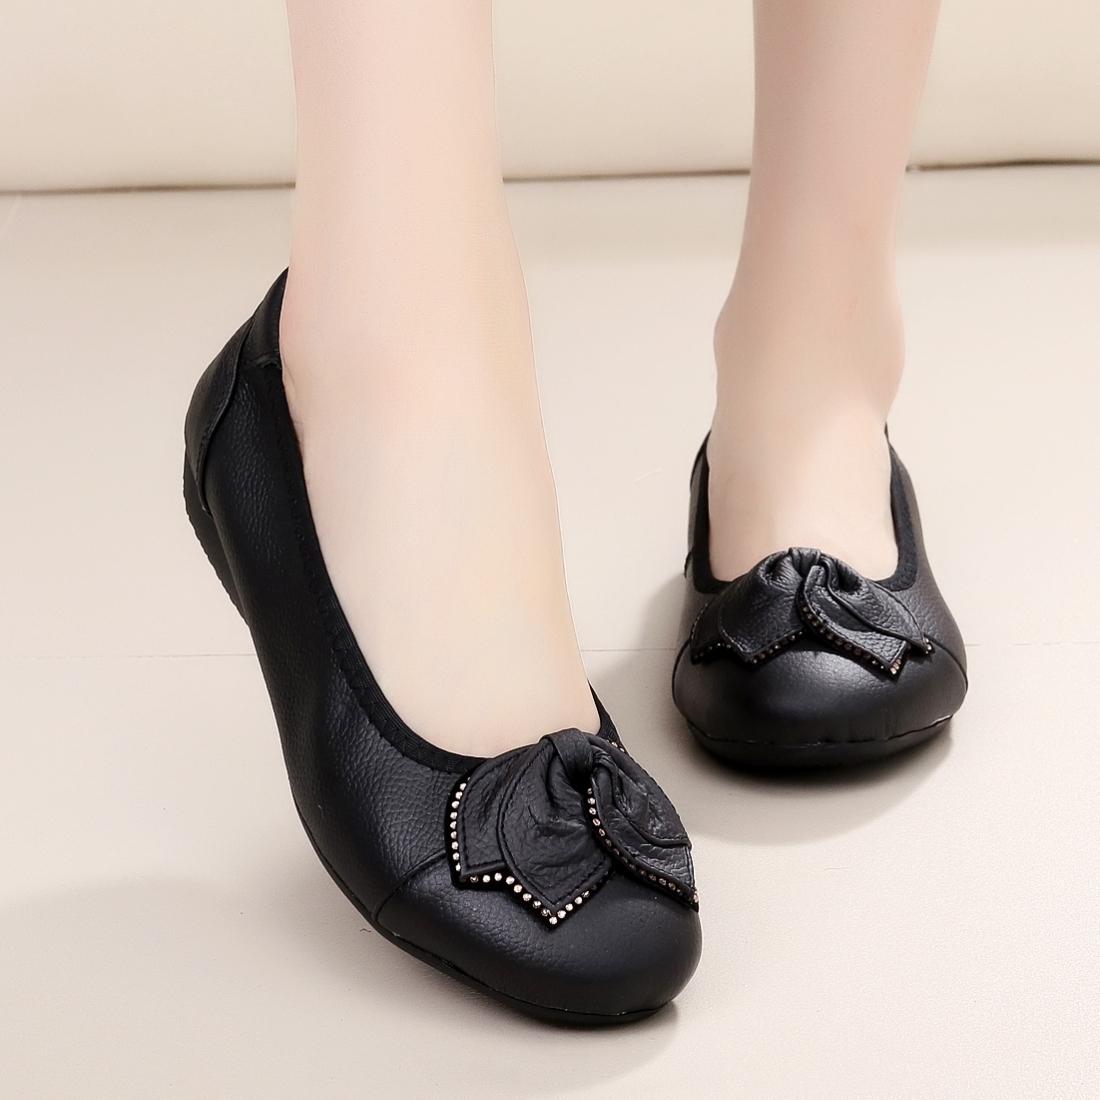 平跟牛皮软底鞋